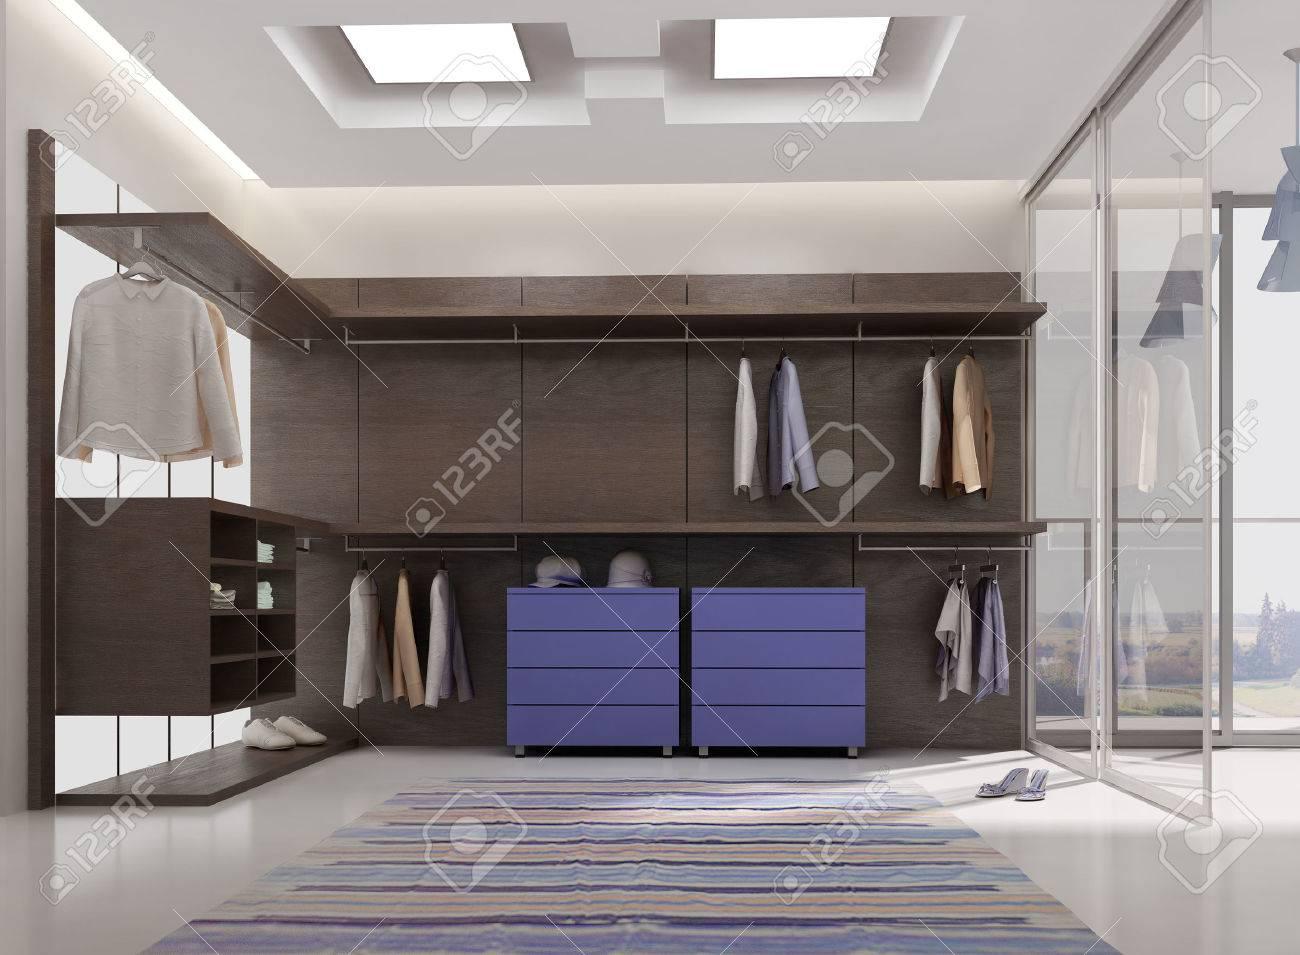 d de apartamento de lujo interior vestidor foto de archivo - Vestidores De Lujo